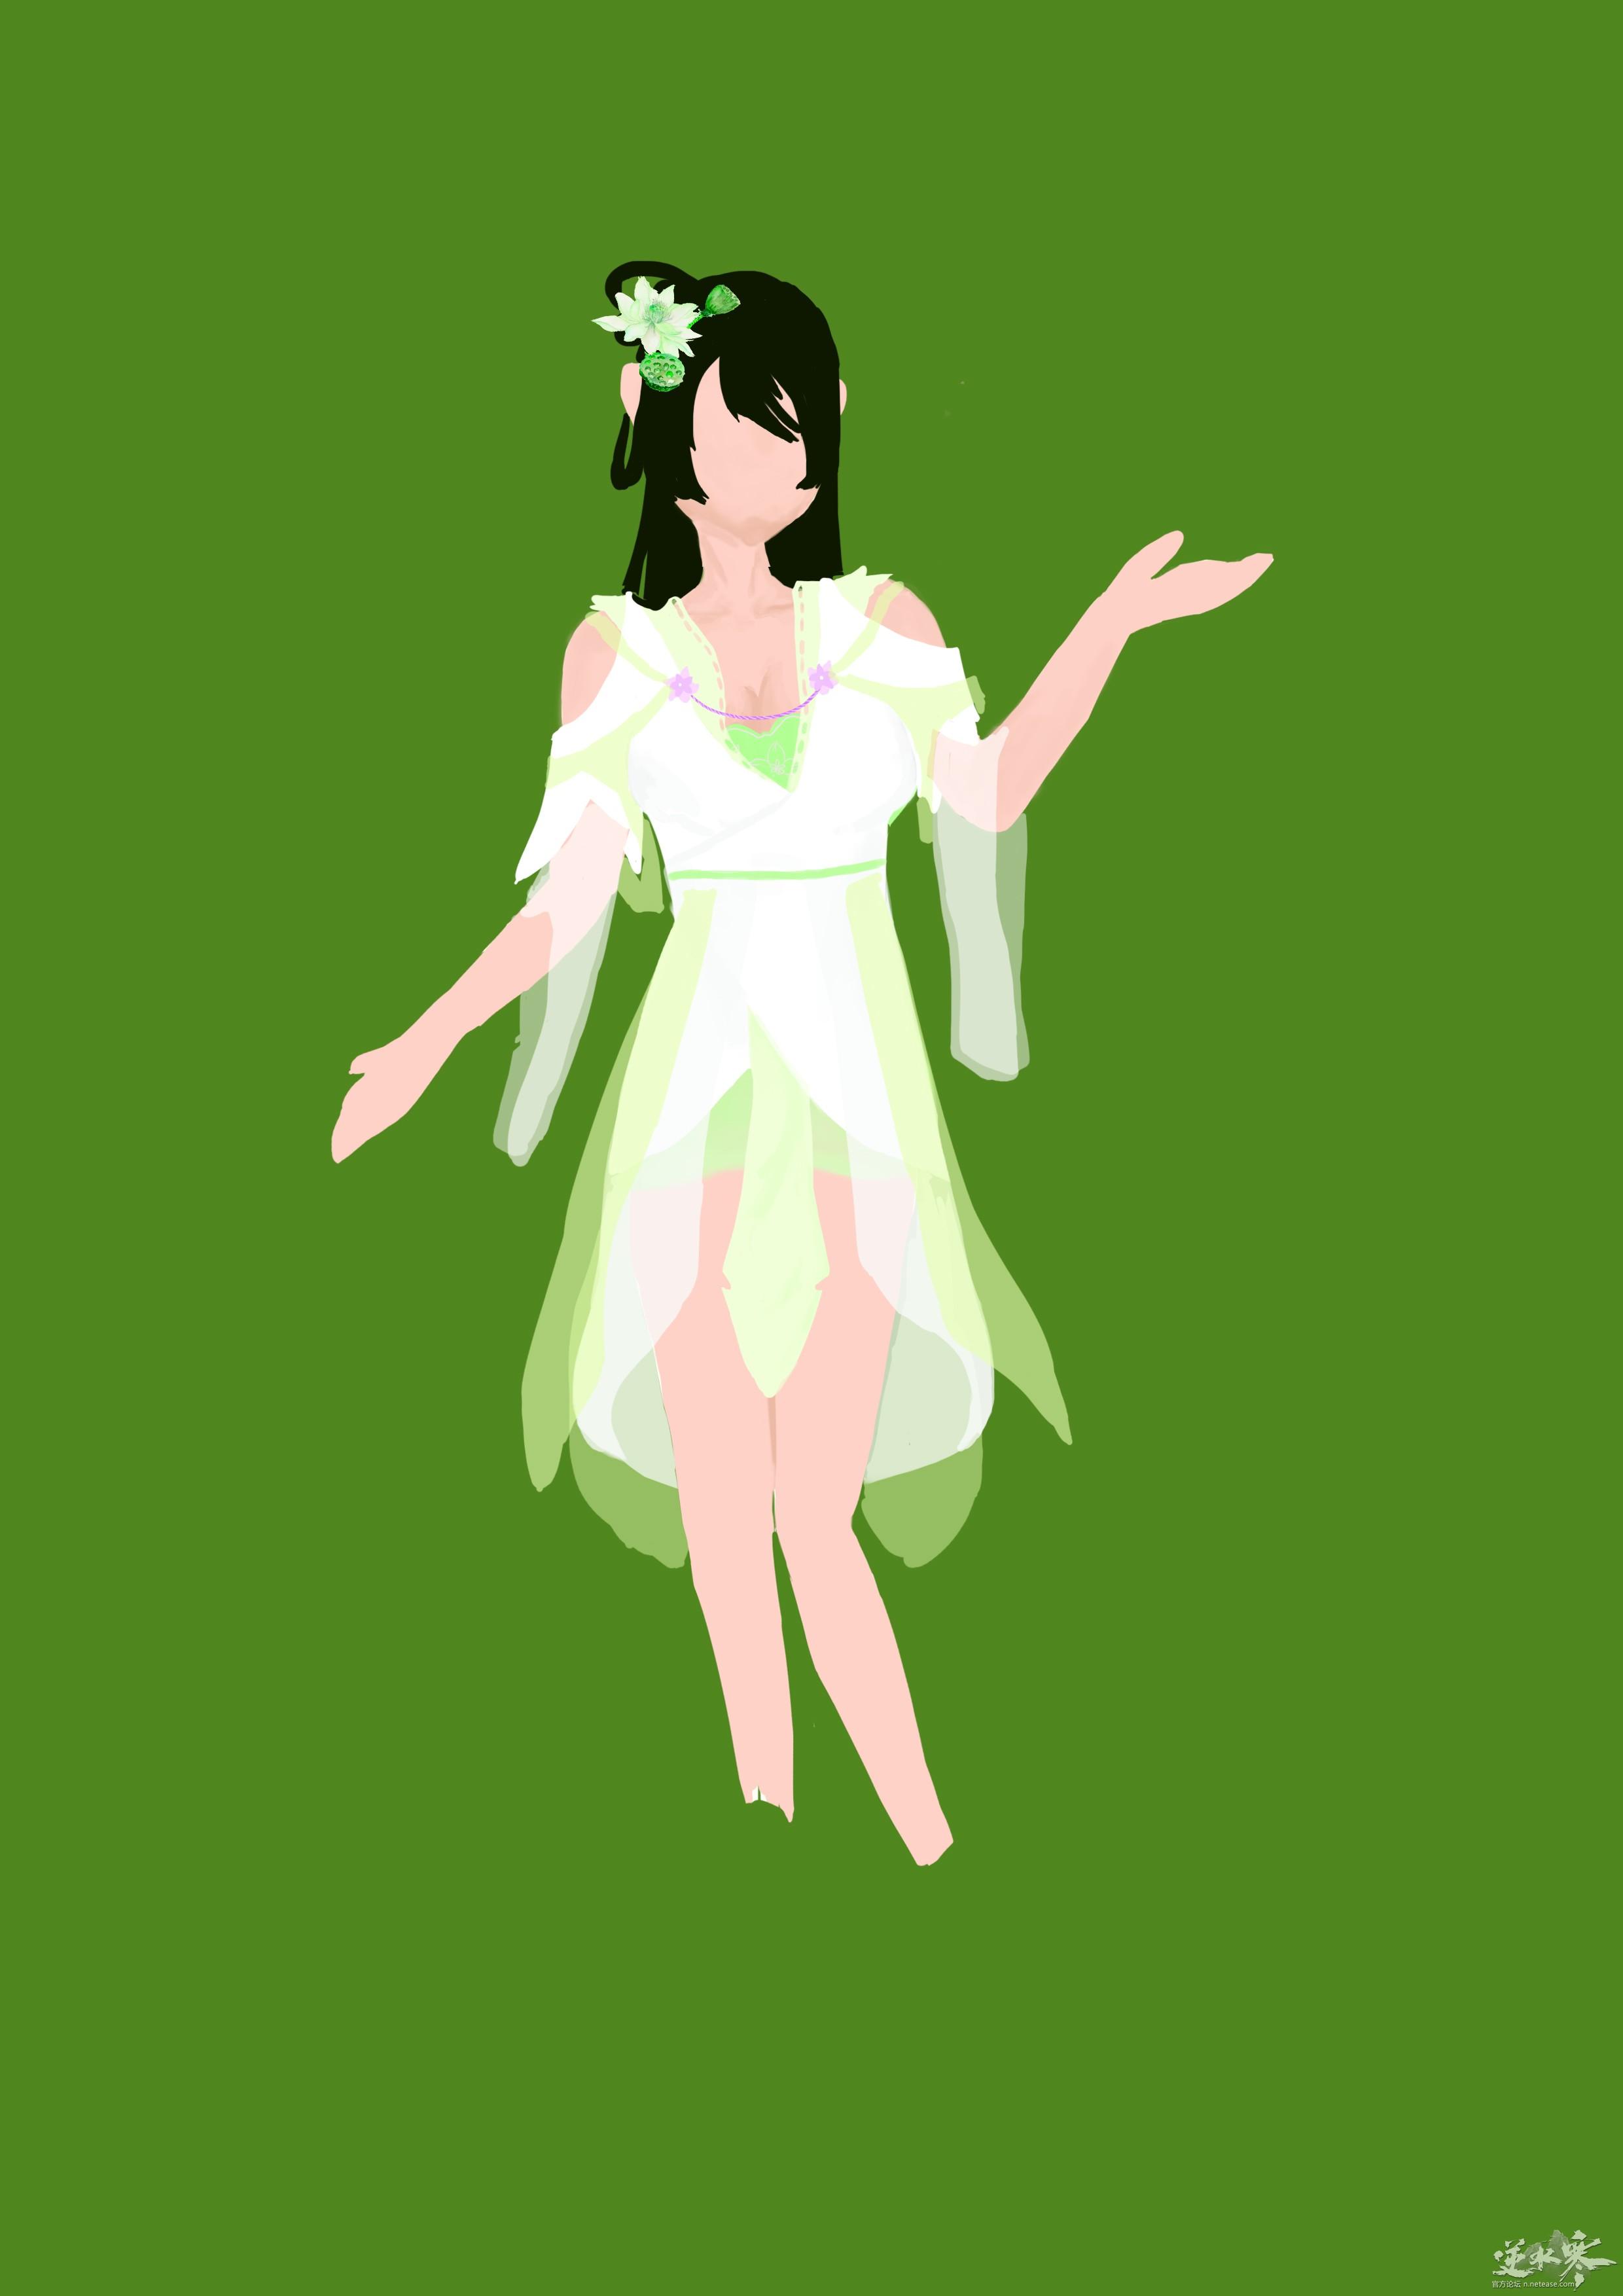 (大宋染织坊)一个很仙的女性时装的草稿0.0